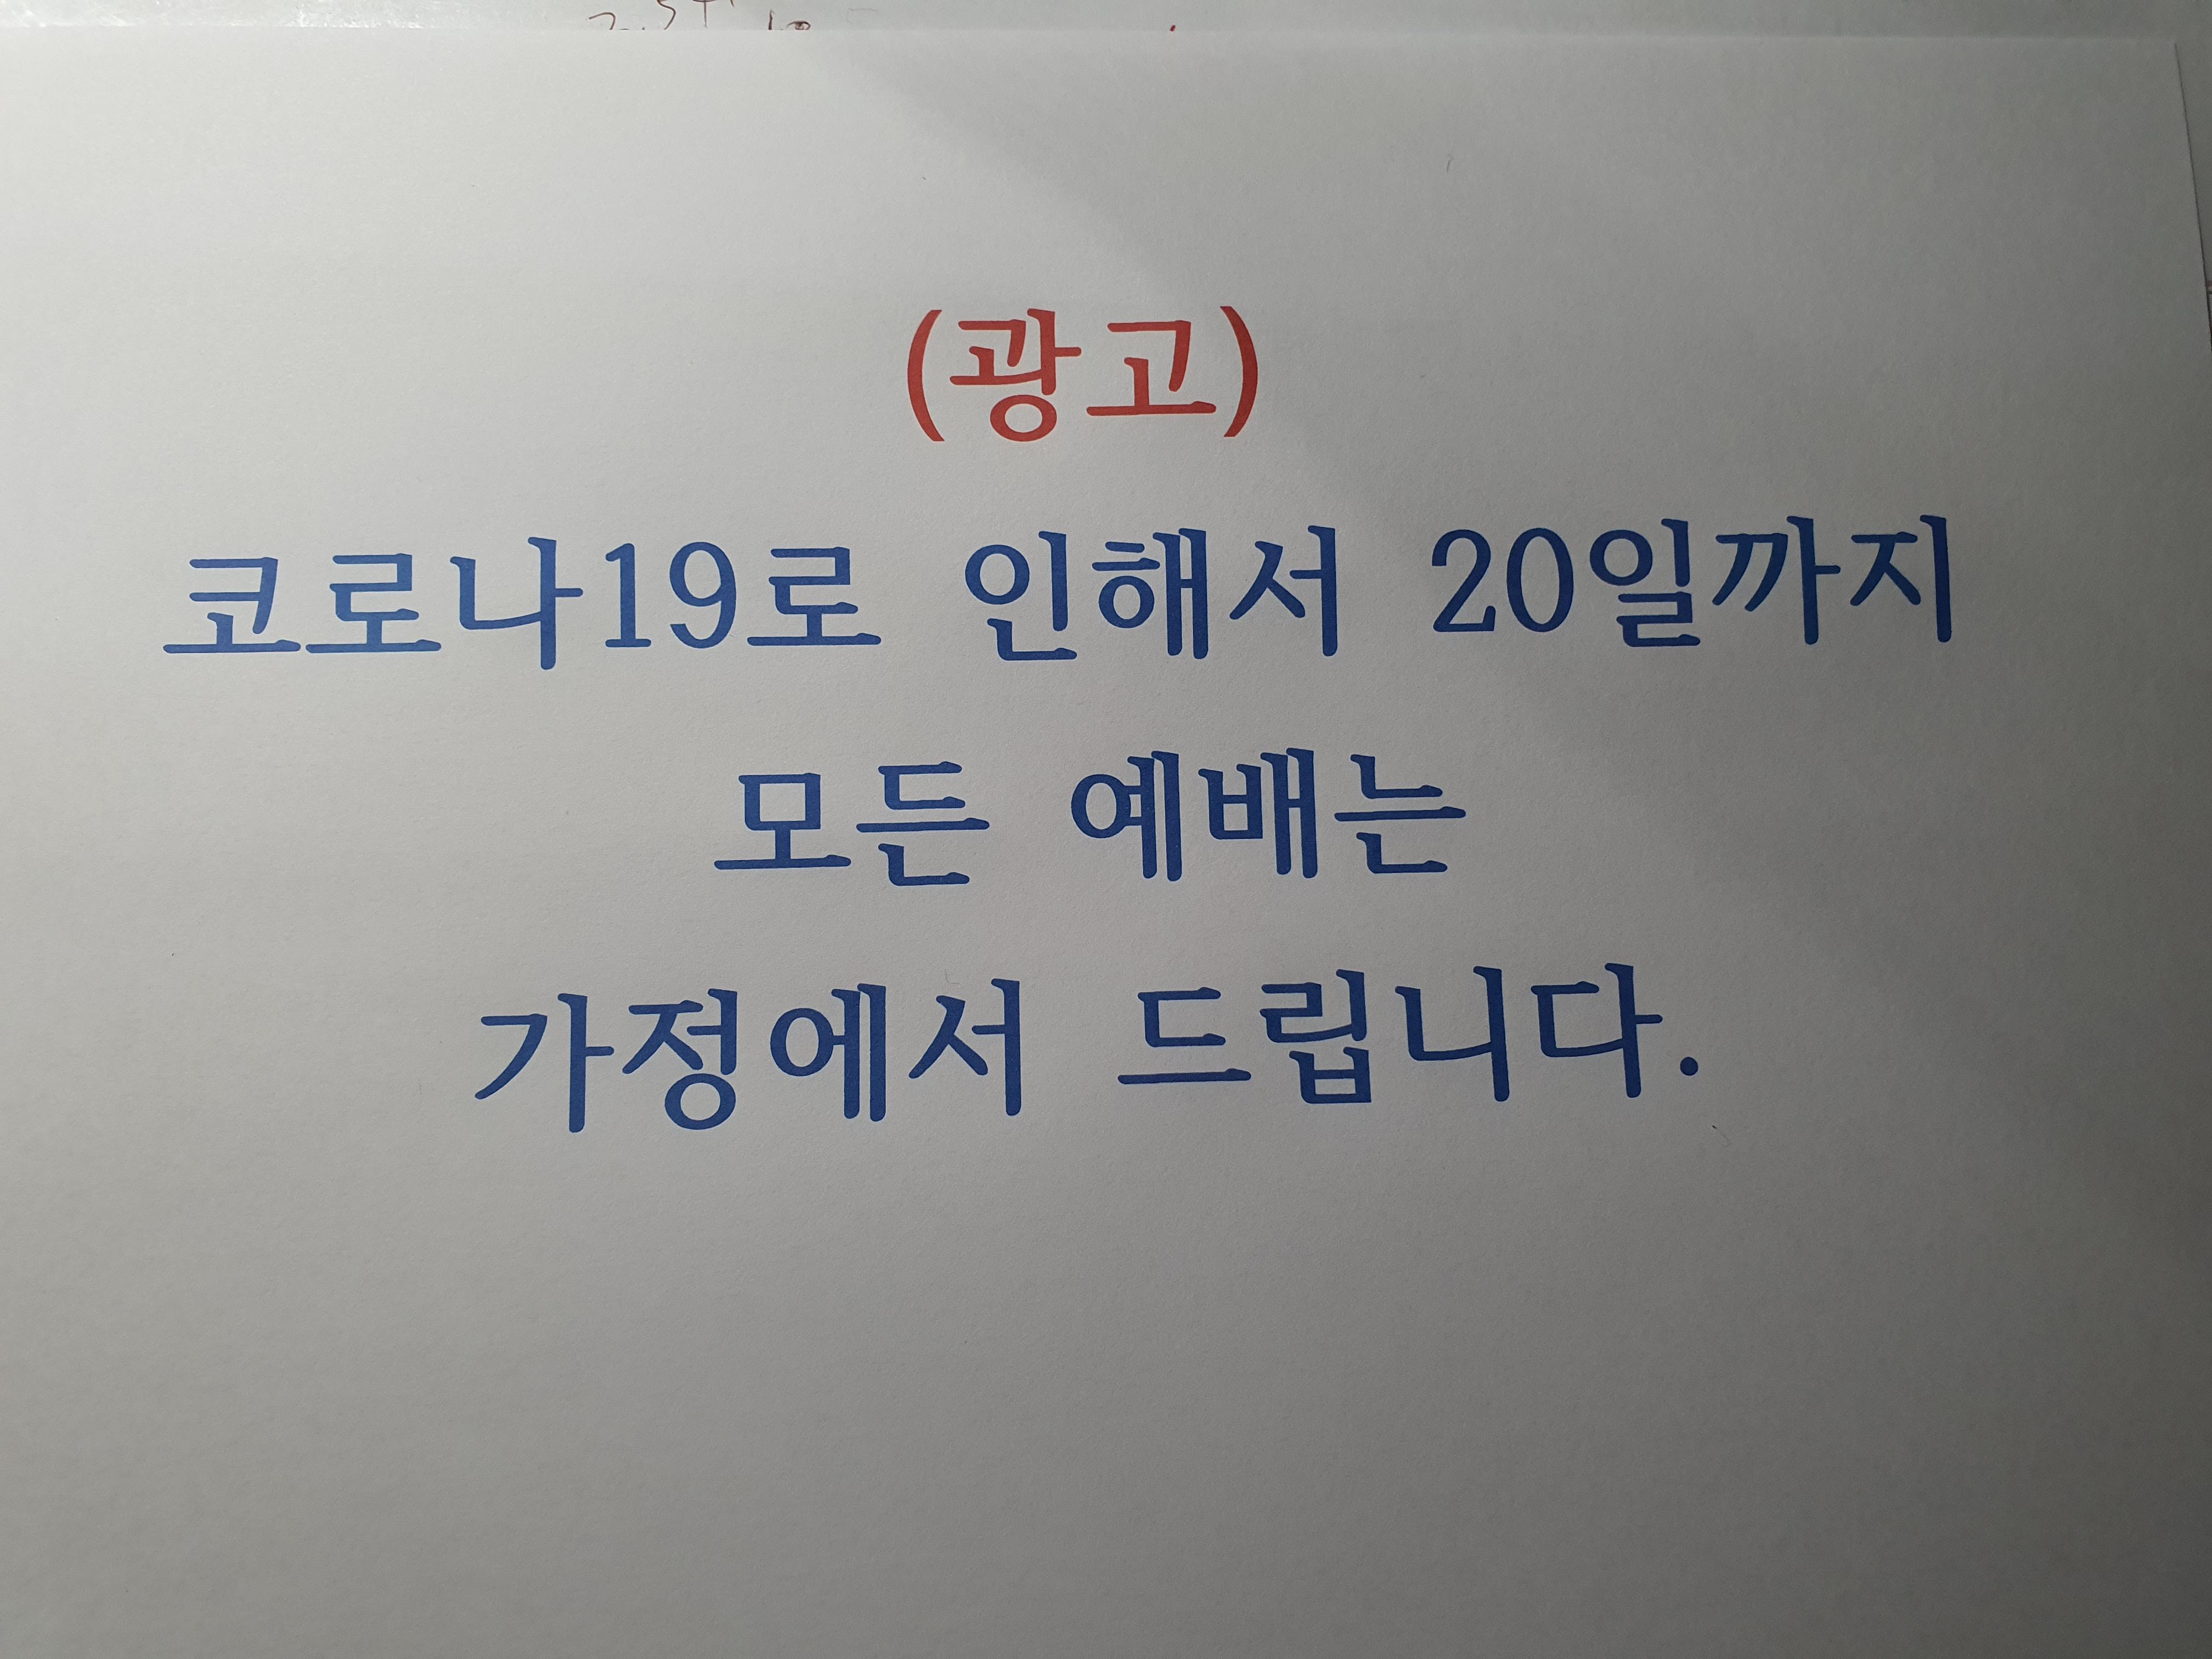 KakaoTalk_20200315_114243555_01.jpg